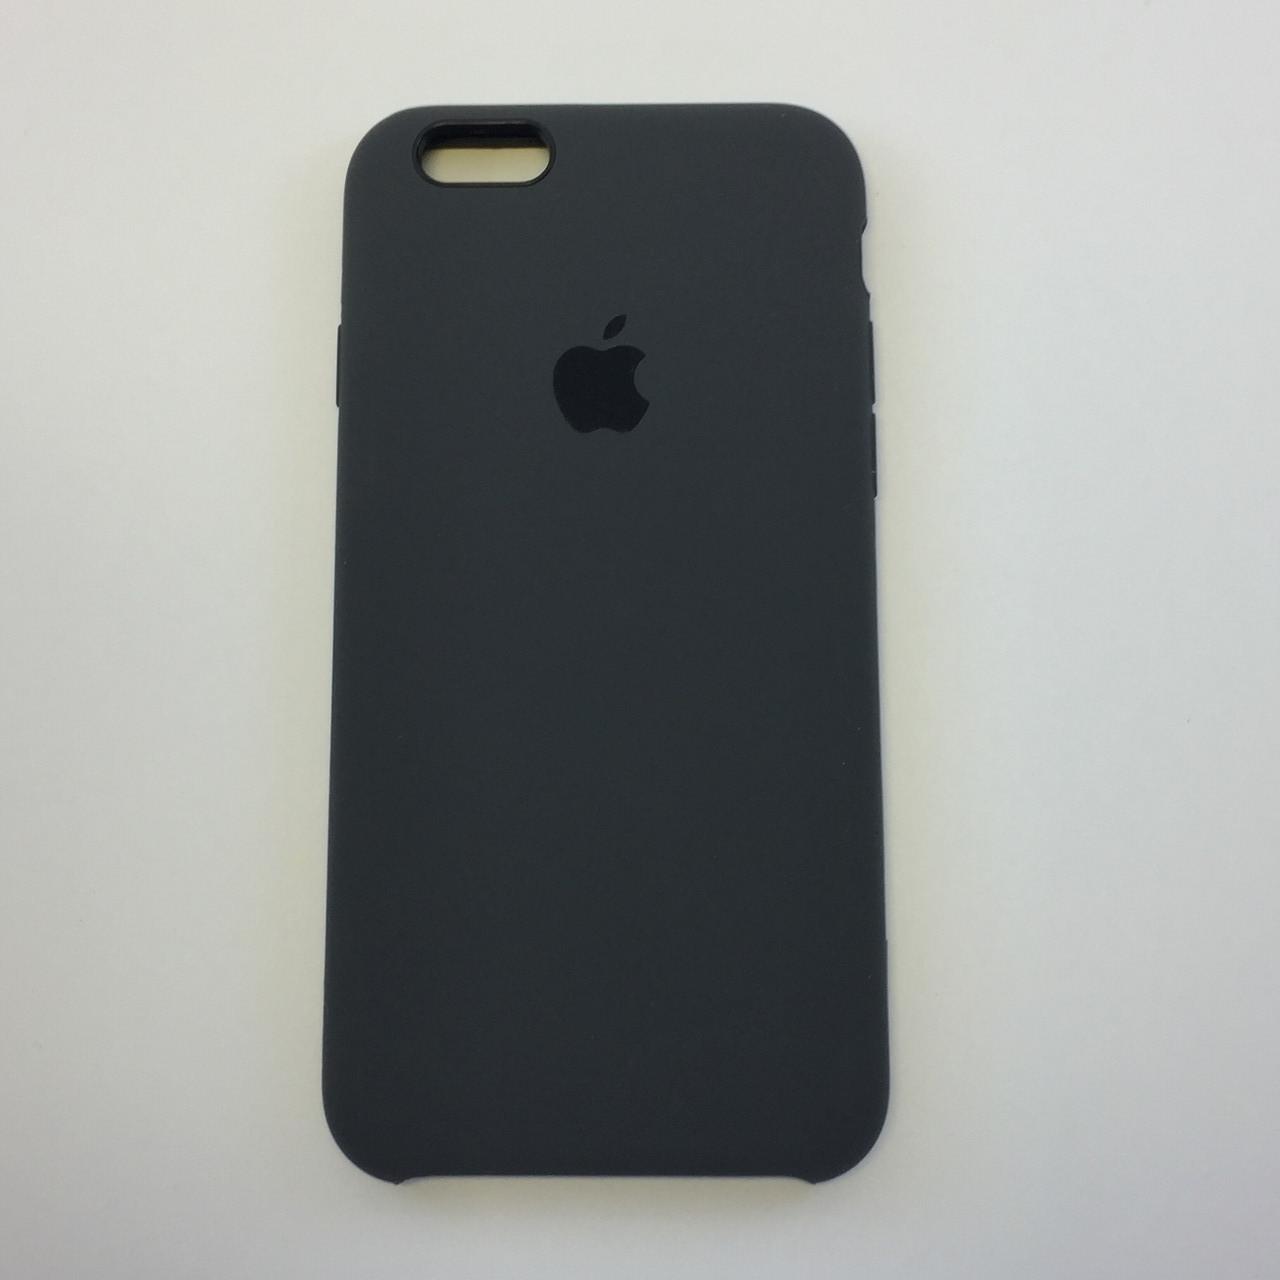 Силиконовый чехол iPhone 6/6s, мокрая галька, copy original